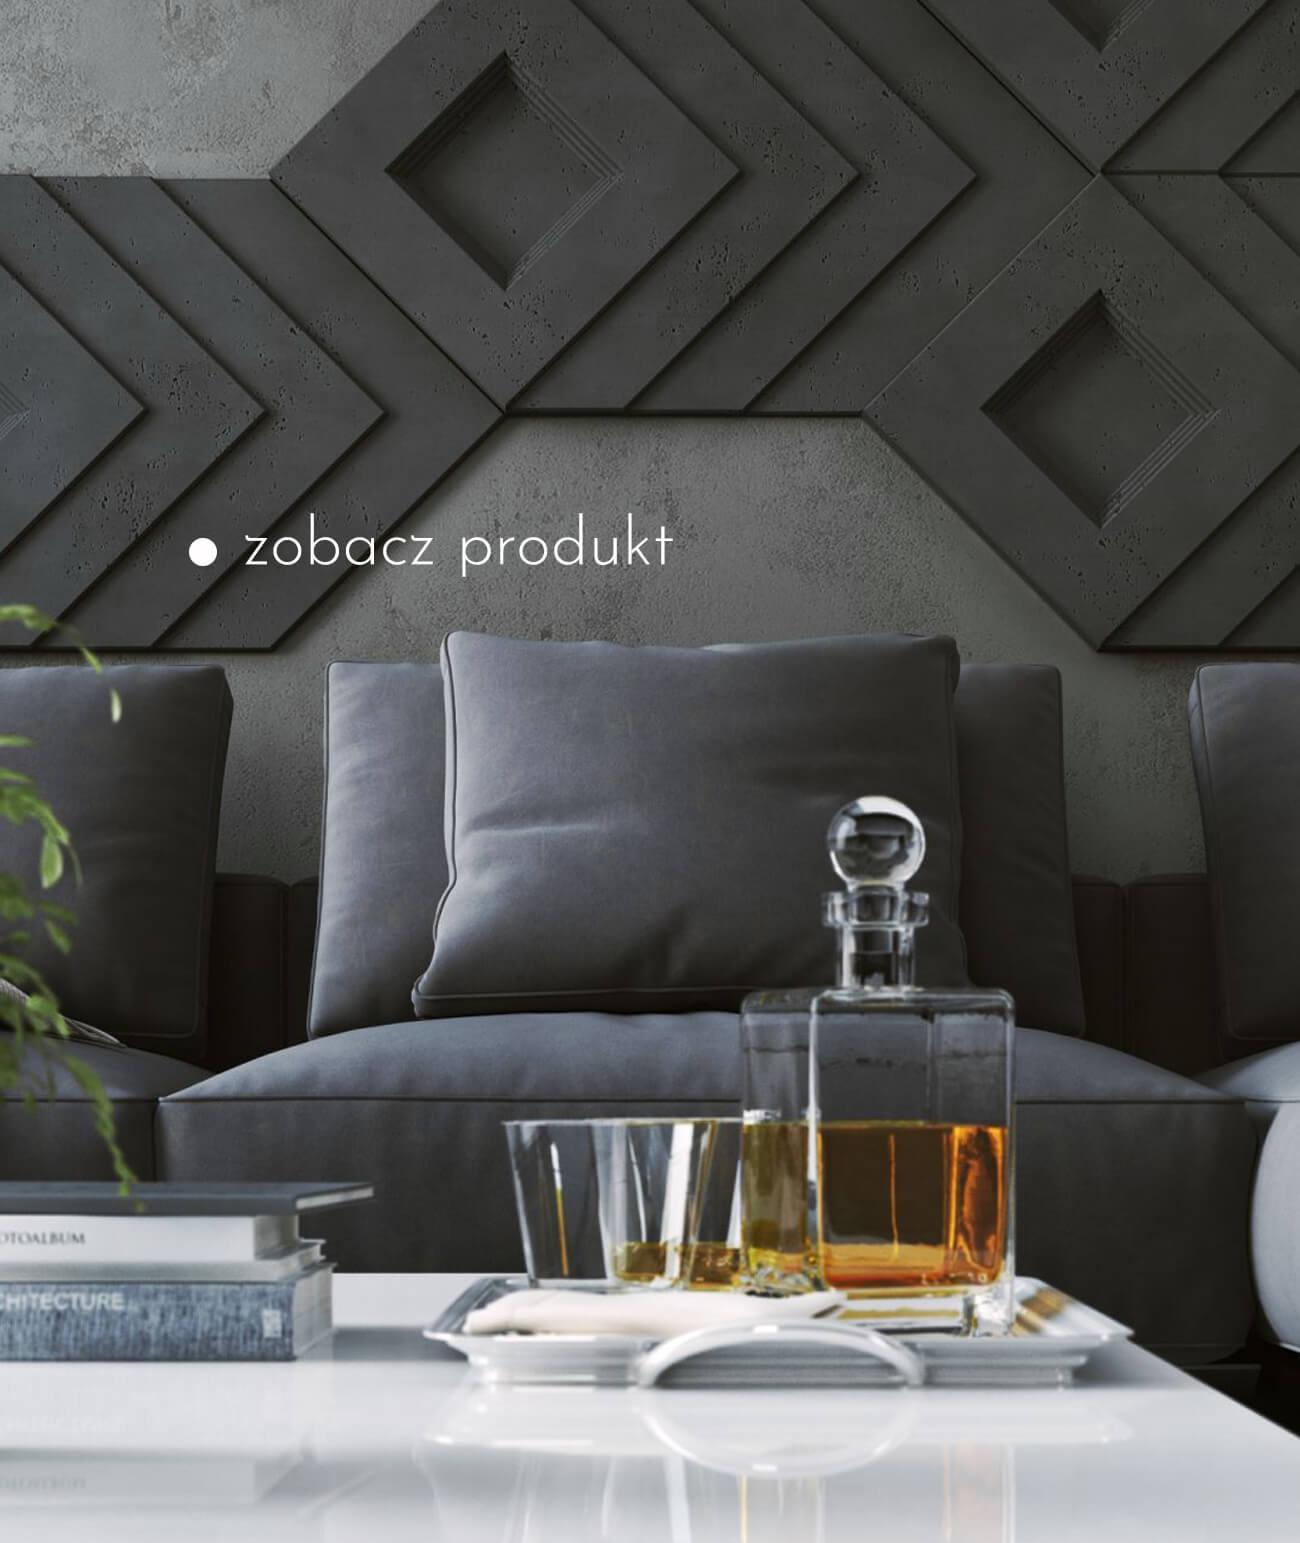 panele-betonowe-3d-scienne-i-elewacyjne-beton-architektoniczny_820-19444-pb21-b15-czarny-slab---panel-dekor-3d-beton-architektoniczny-panel-scienny